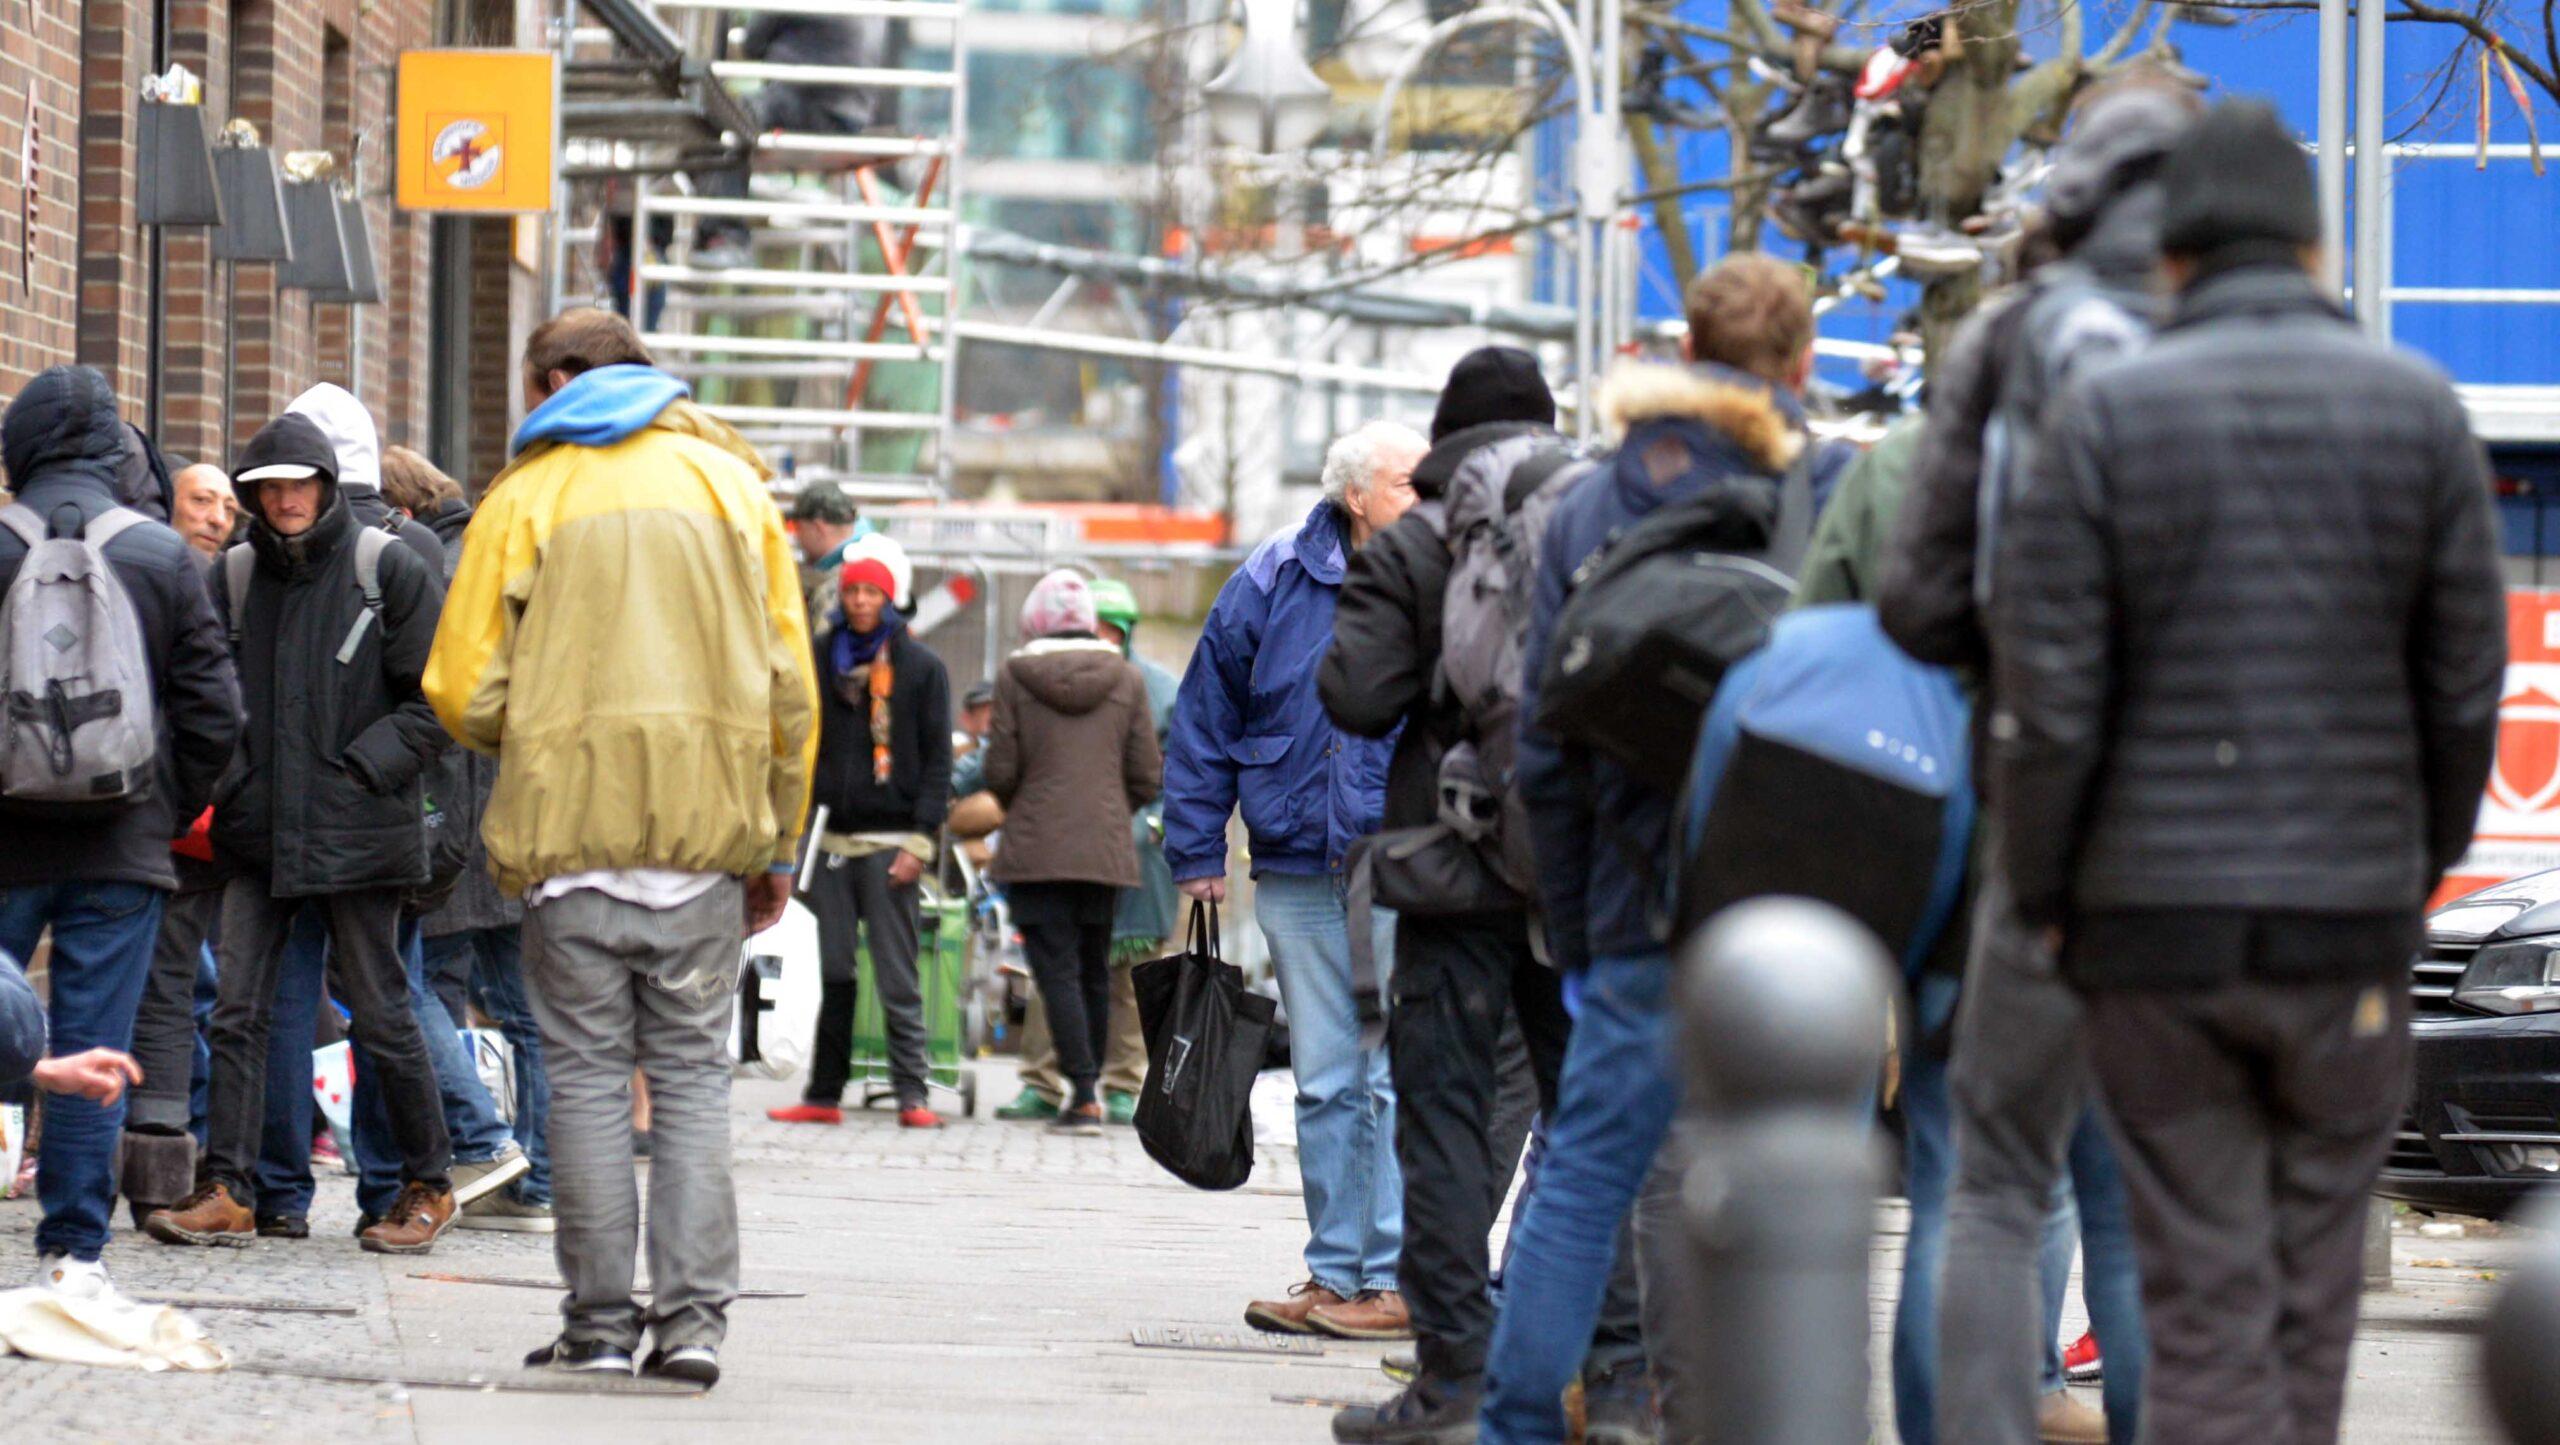 Berliner Bahnhofsmission: Keine Suppe mehr für Obdachlose